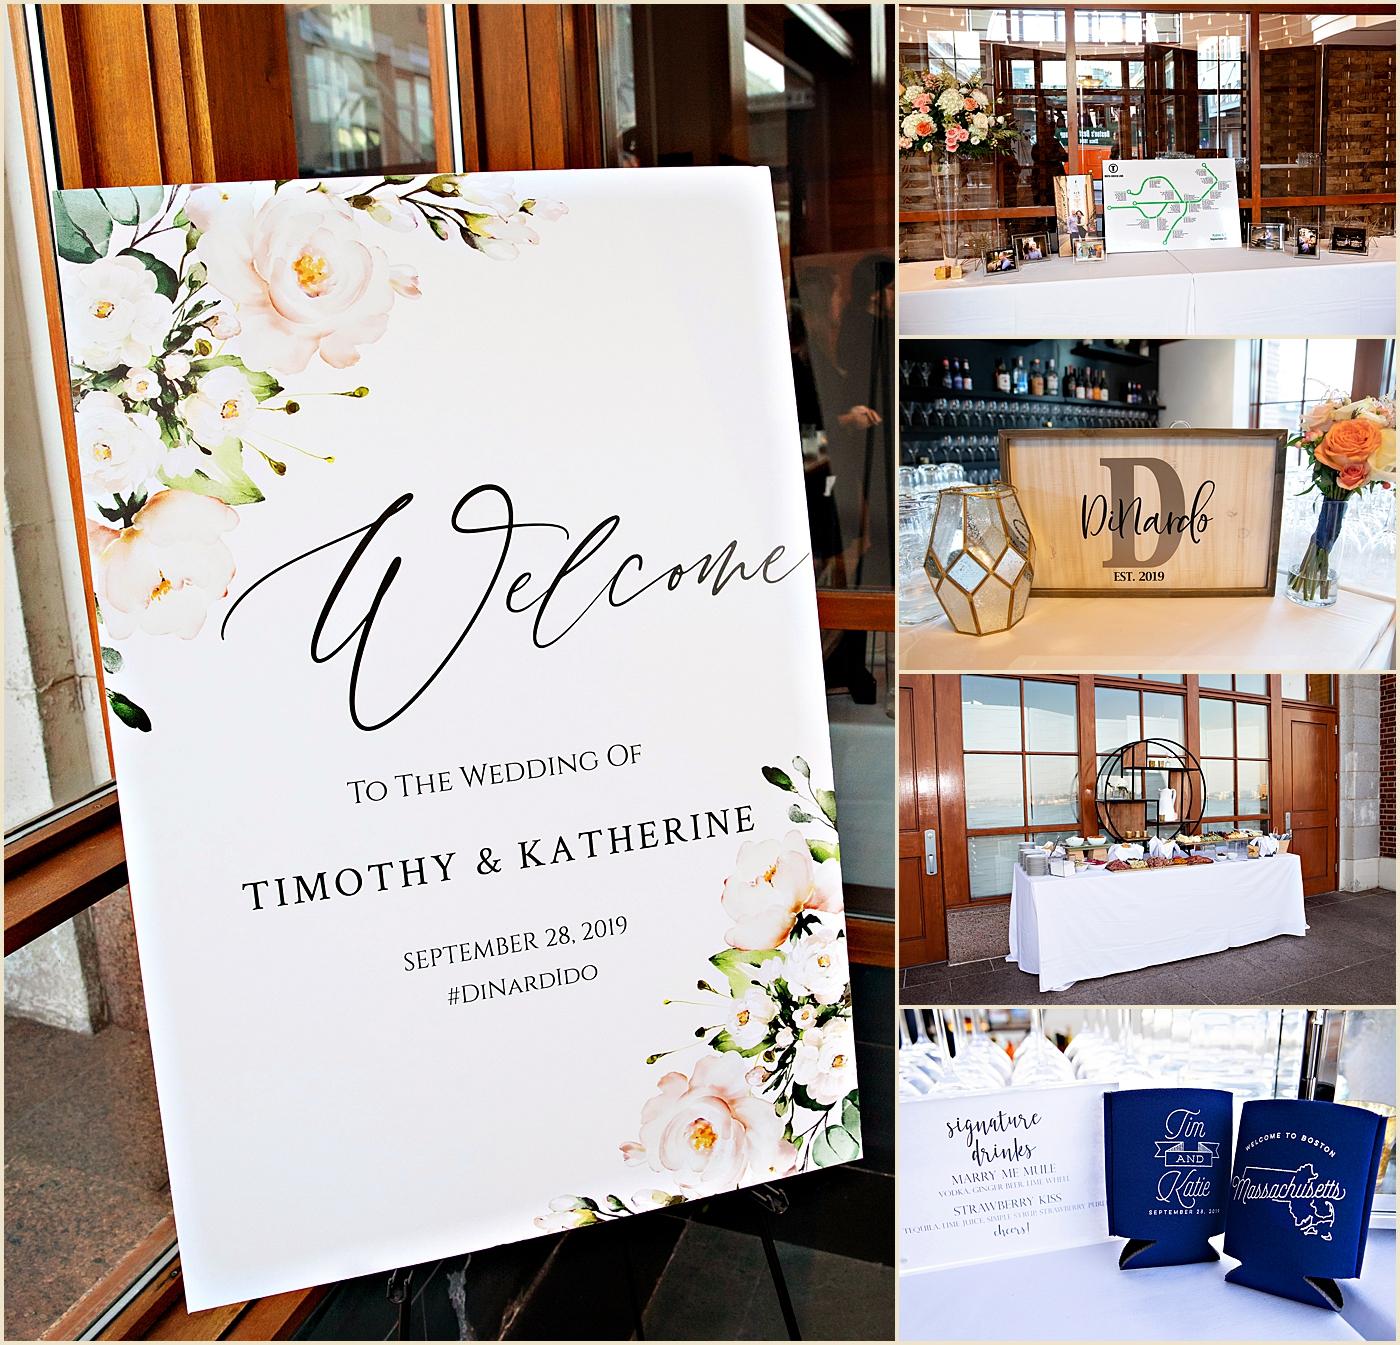 The Exchange Boston Seaport Wedding Venue